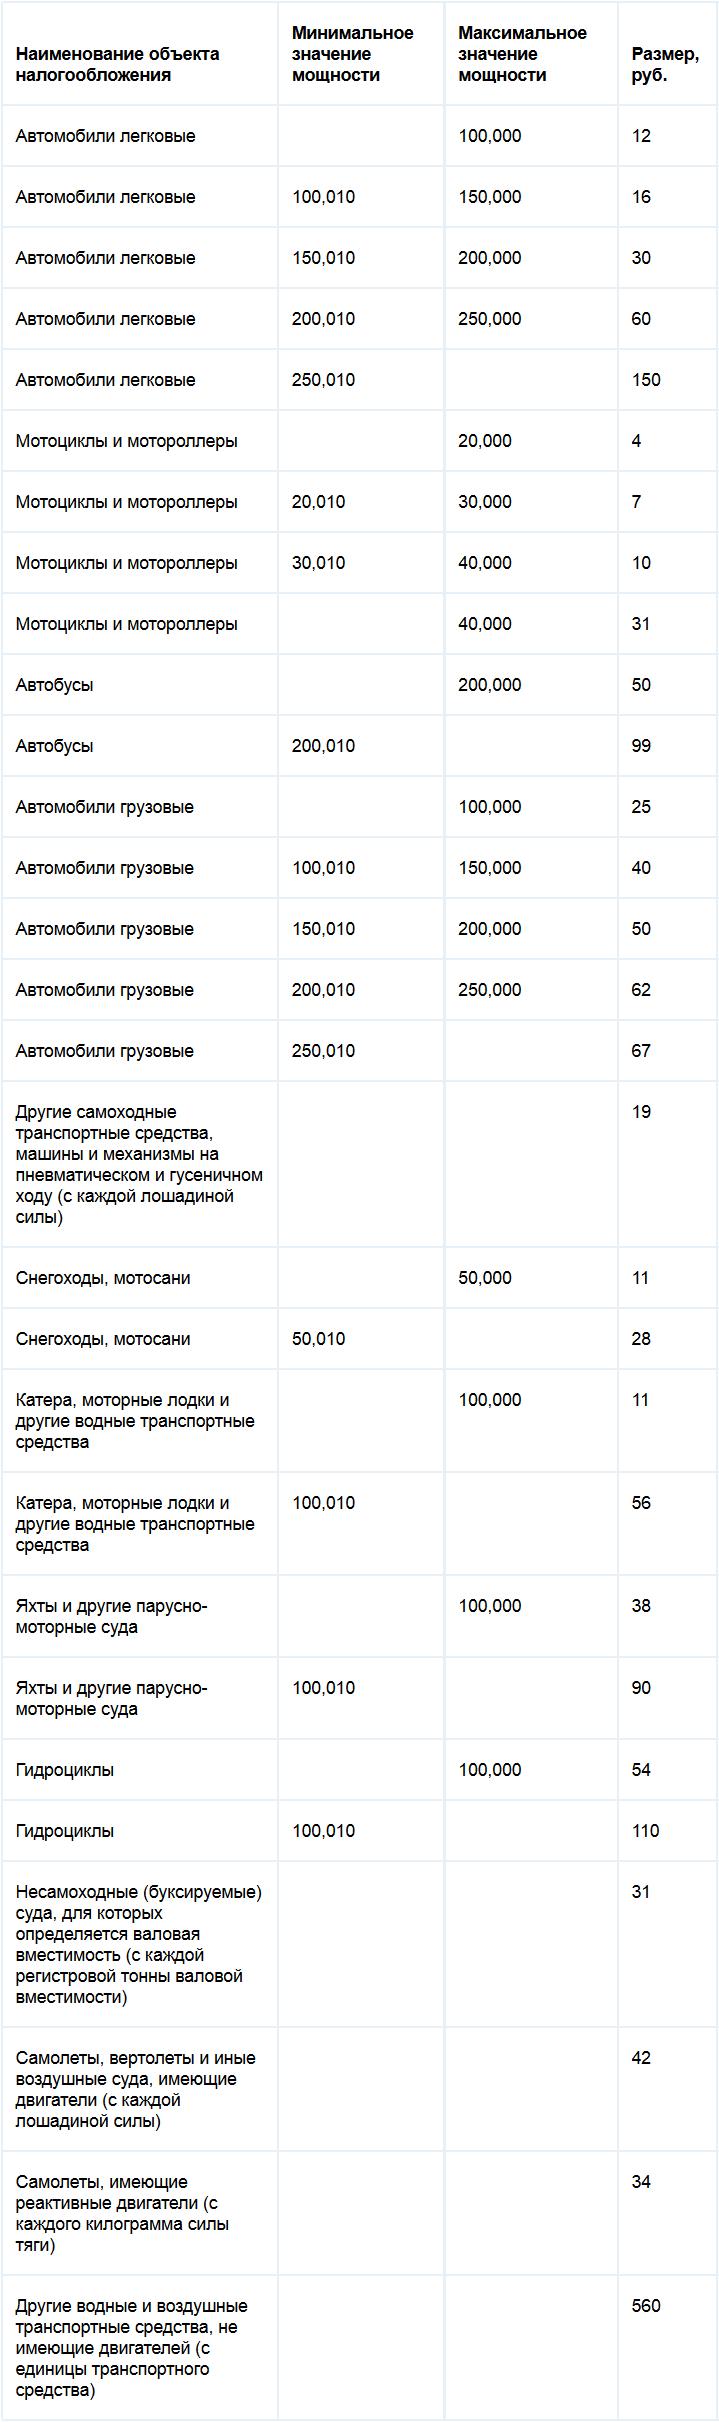 Ставки транспортного налога в красноярском крае ставки транспортного налога в томске на 2011 год